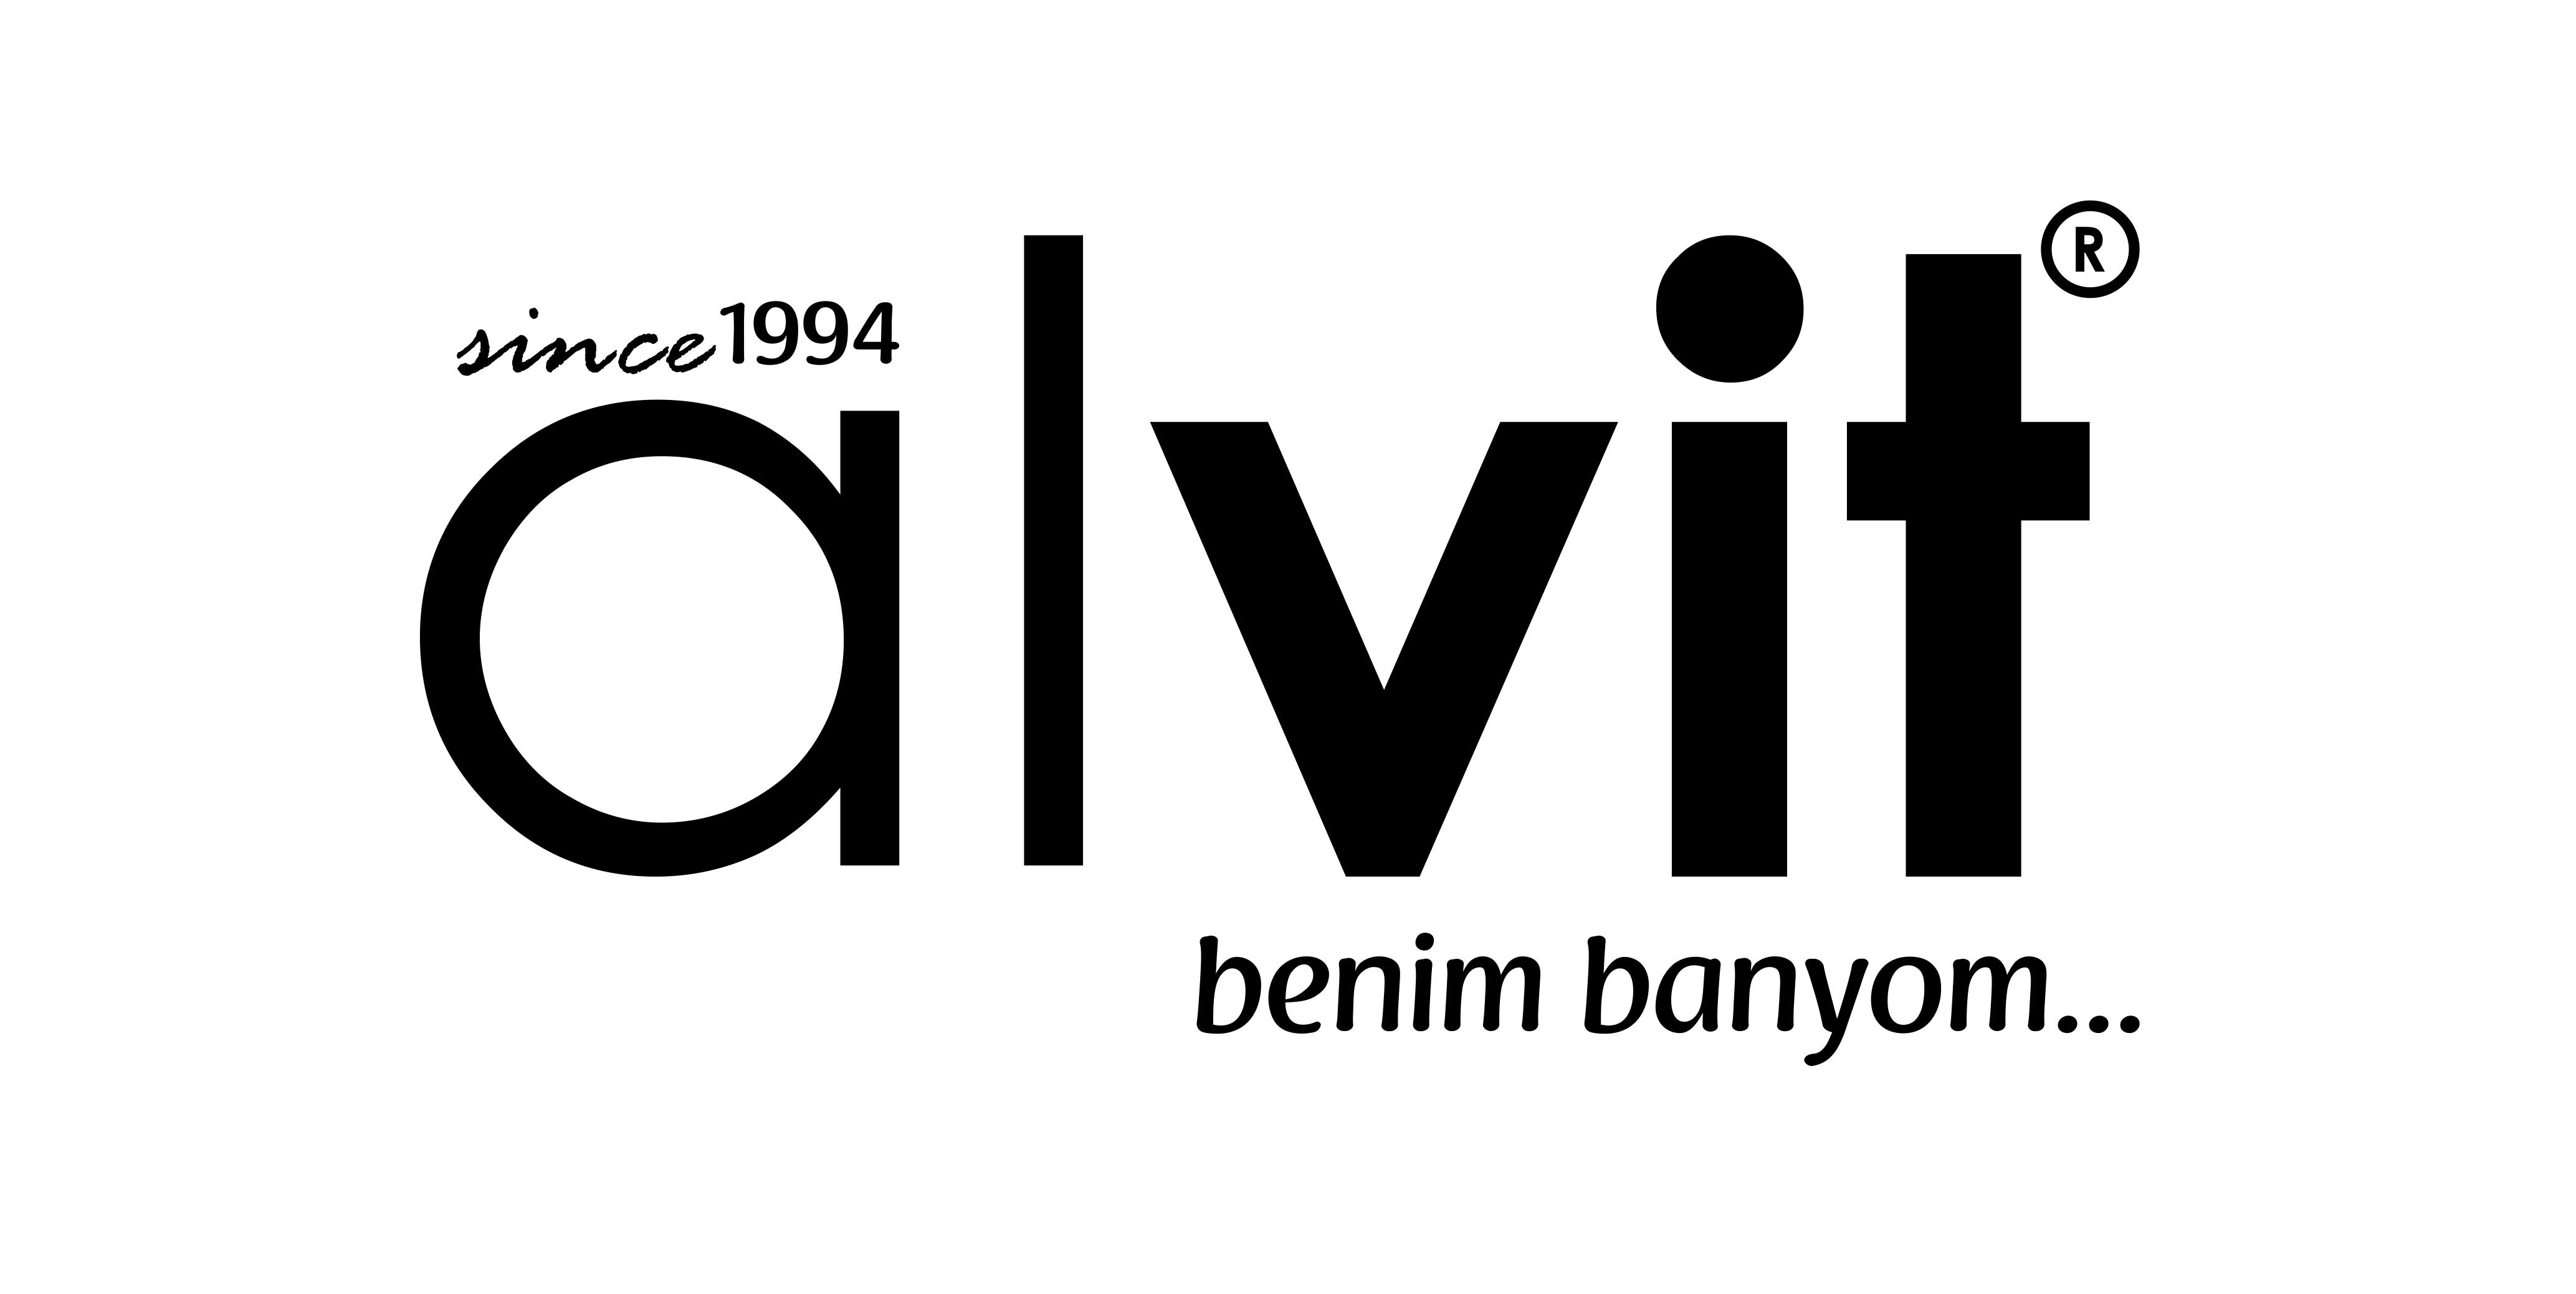 MONTAJ KILAVUZLARI - Alvit - Bartın Seramik A.Ş